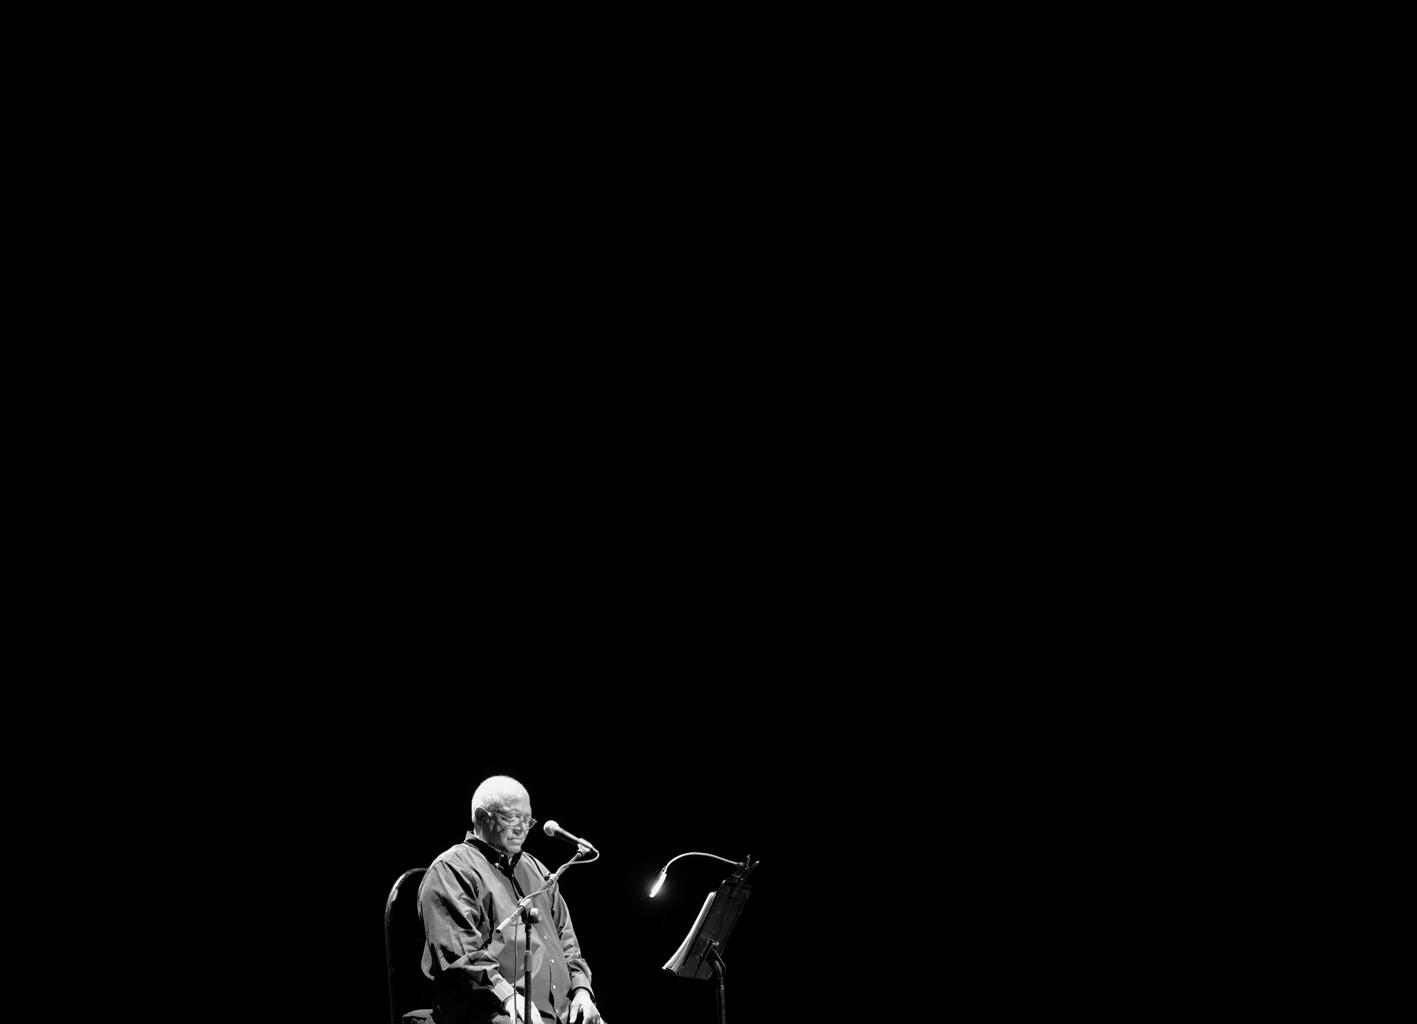 El cantautor Pablo Milanés. / LUIS ROCA ARENCIBIA